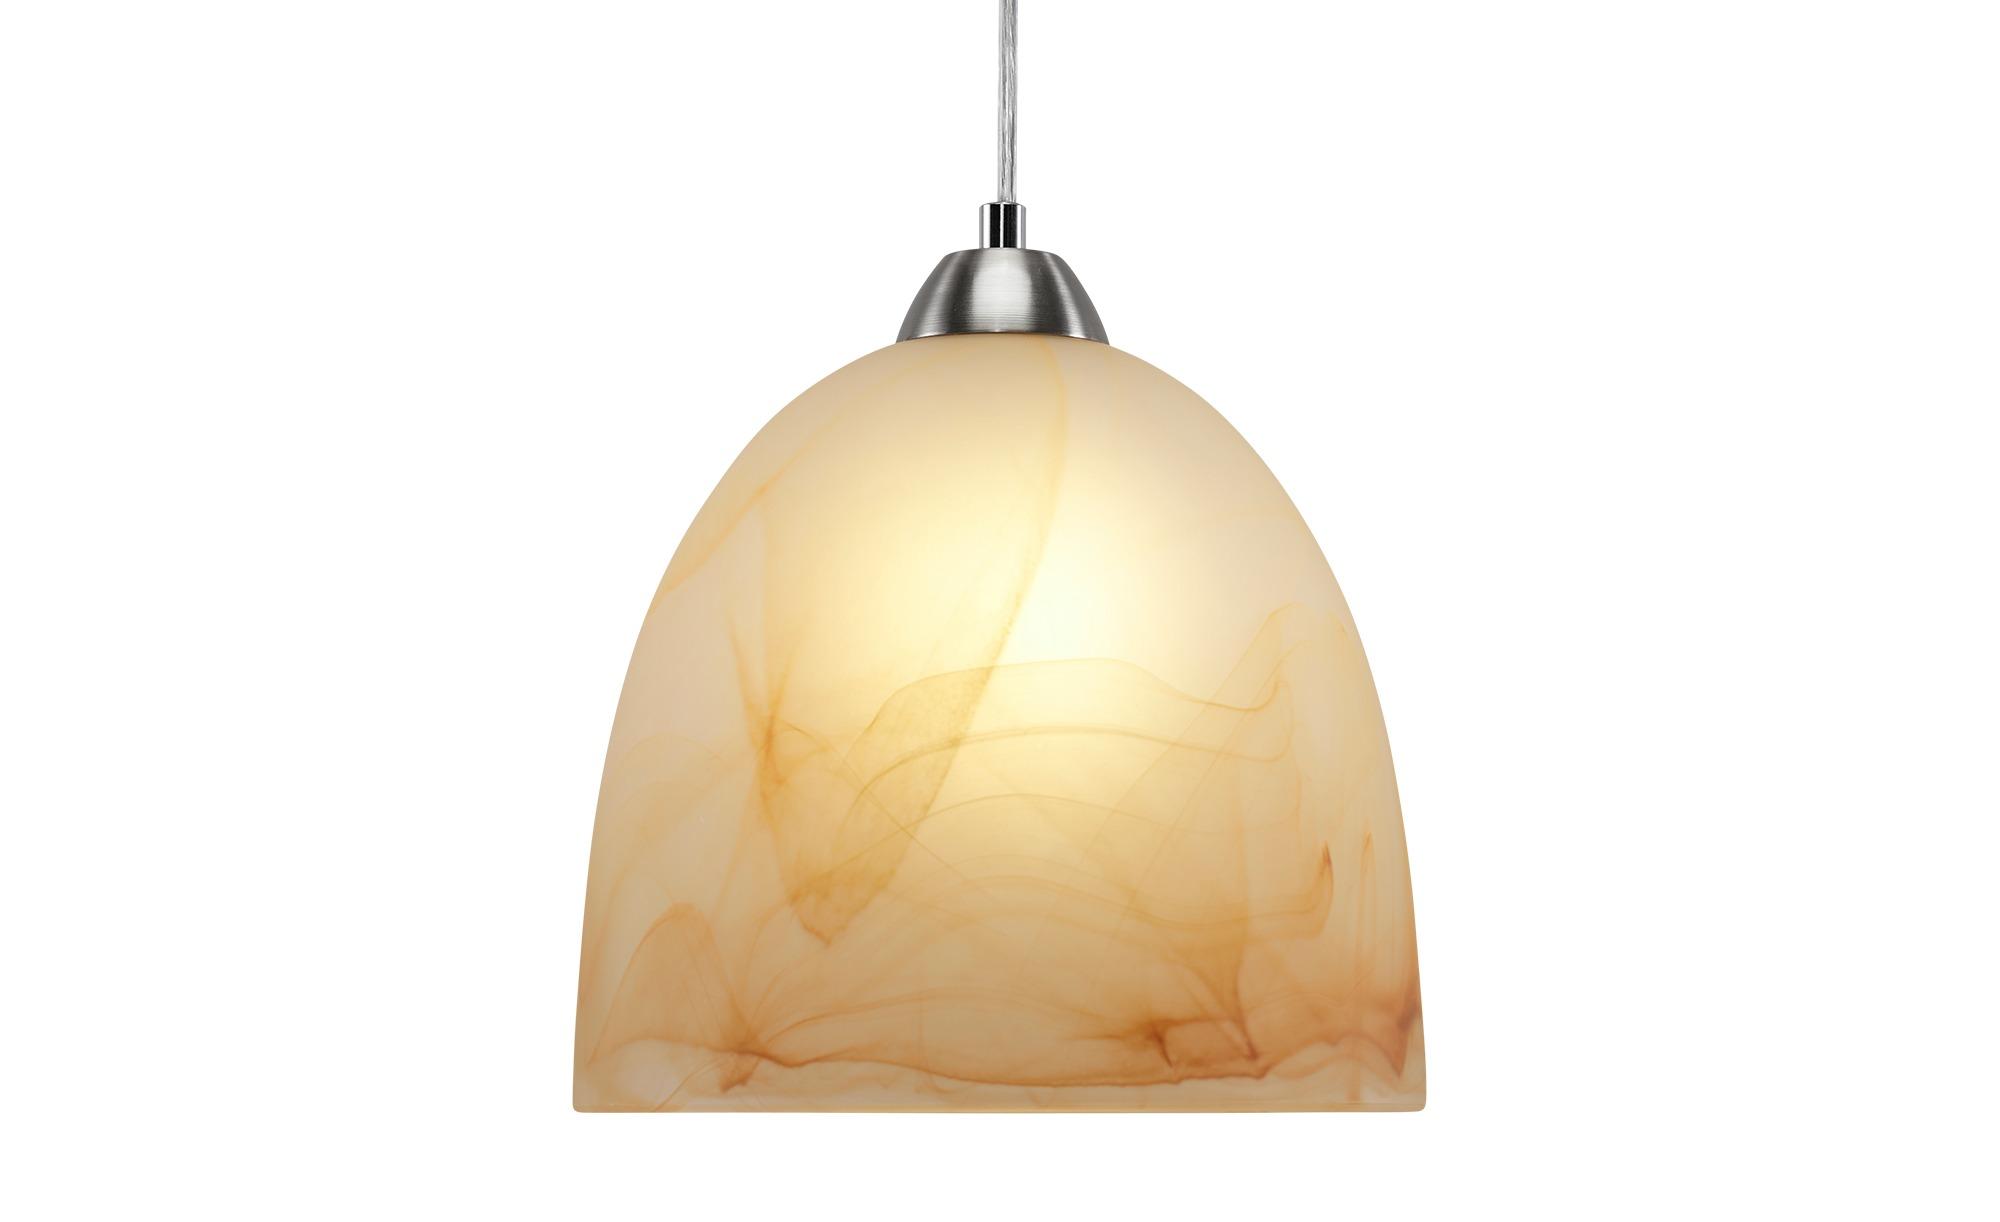 Pendelleuchte, 1-flammig, Alabasterglas braun ¦ braun ¦ Maße (cm): H: 100 Ø: 24 Lampen & Leuchten > Innenleuchten > Pendelleuchten - Höffner